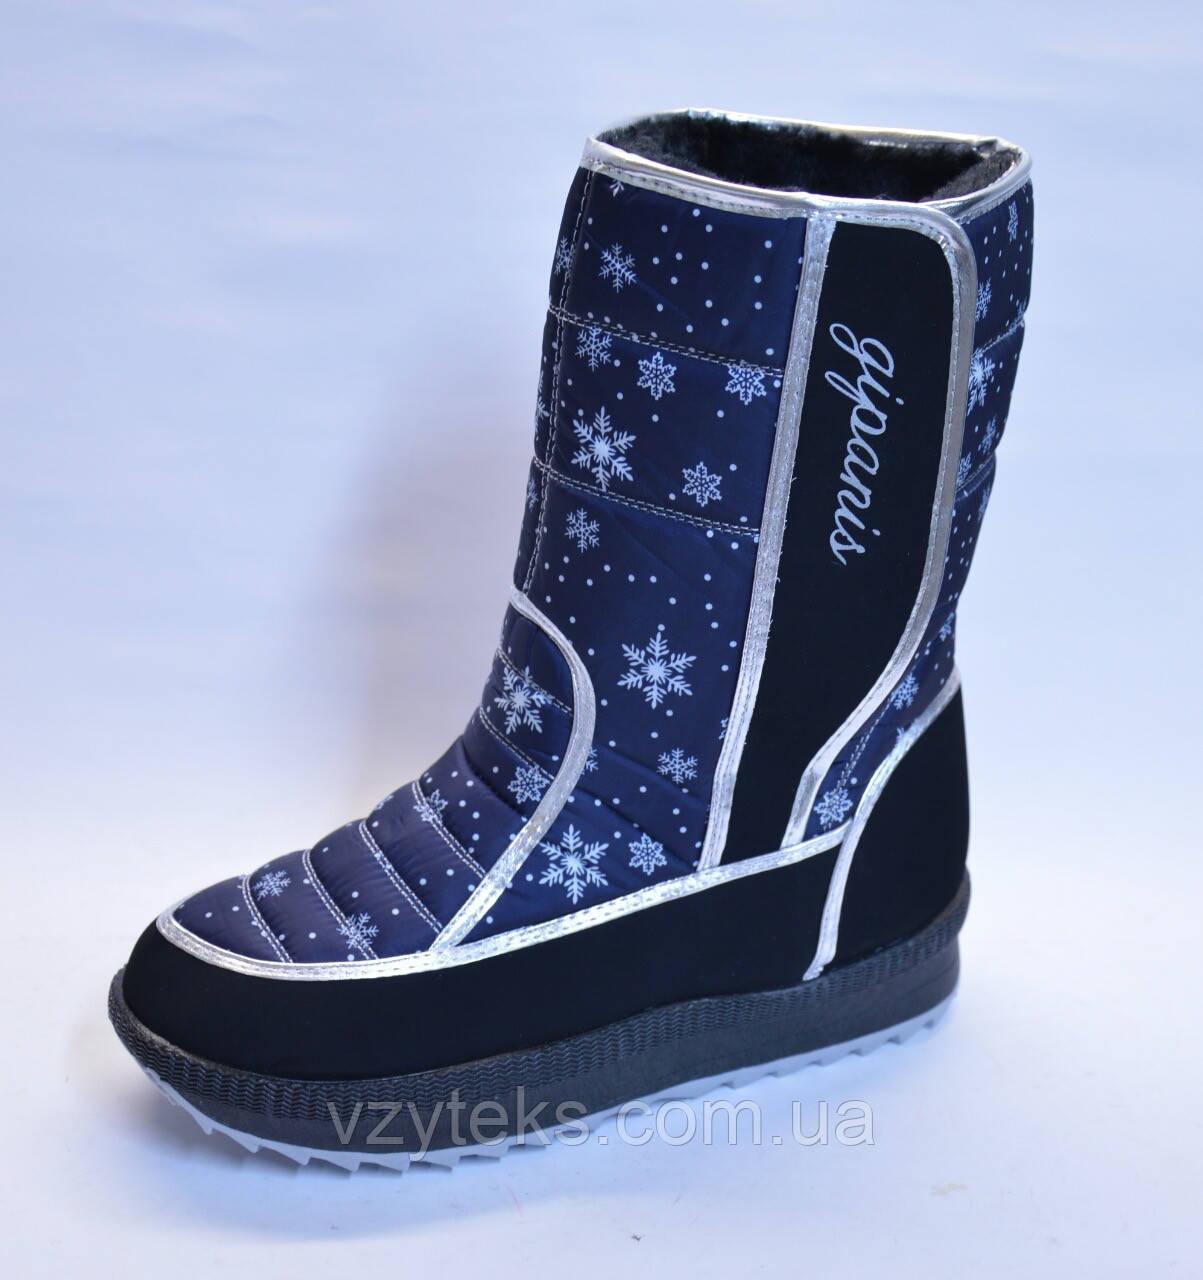 0d26b0b9e Сапоги женские Гипанис зимние оптом - Центр обуви Взутекс в Хмельницком